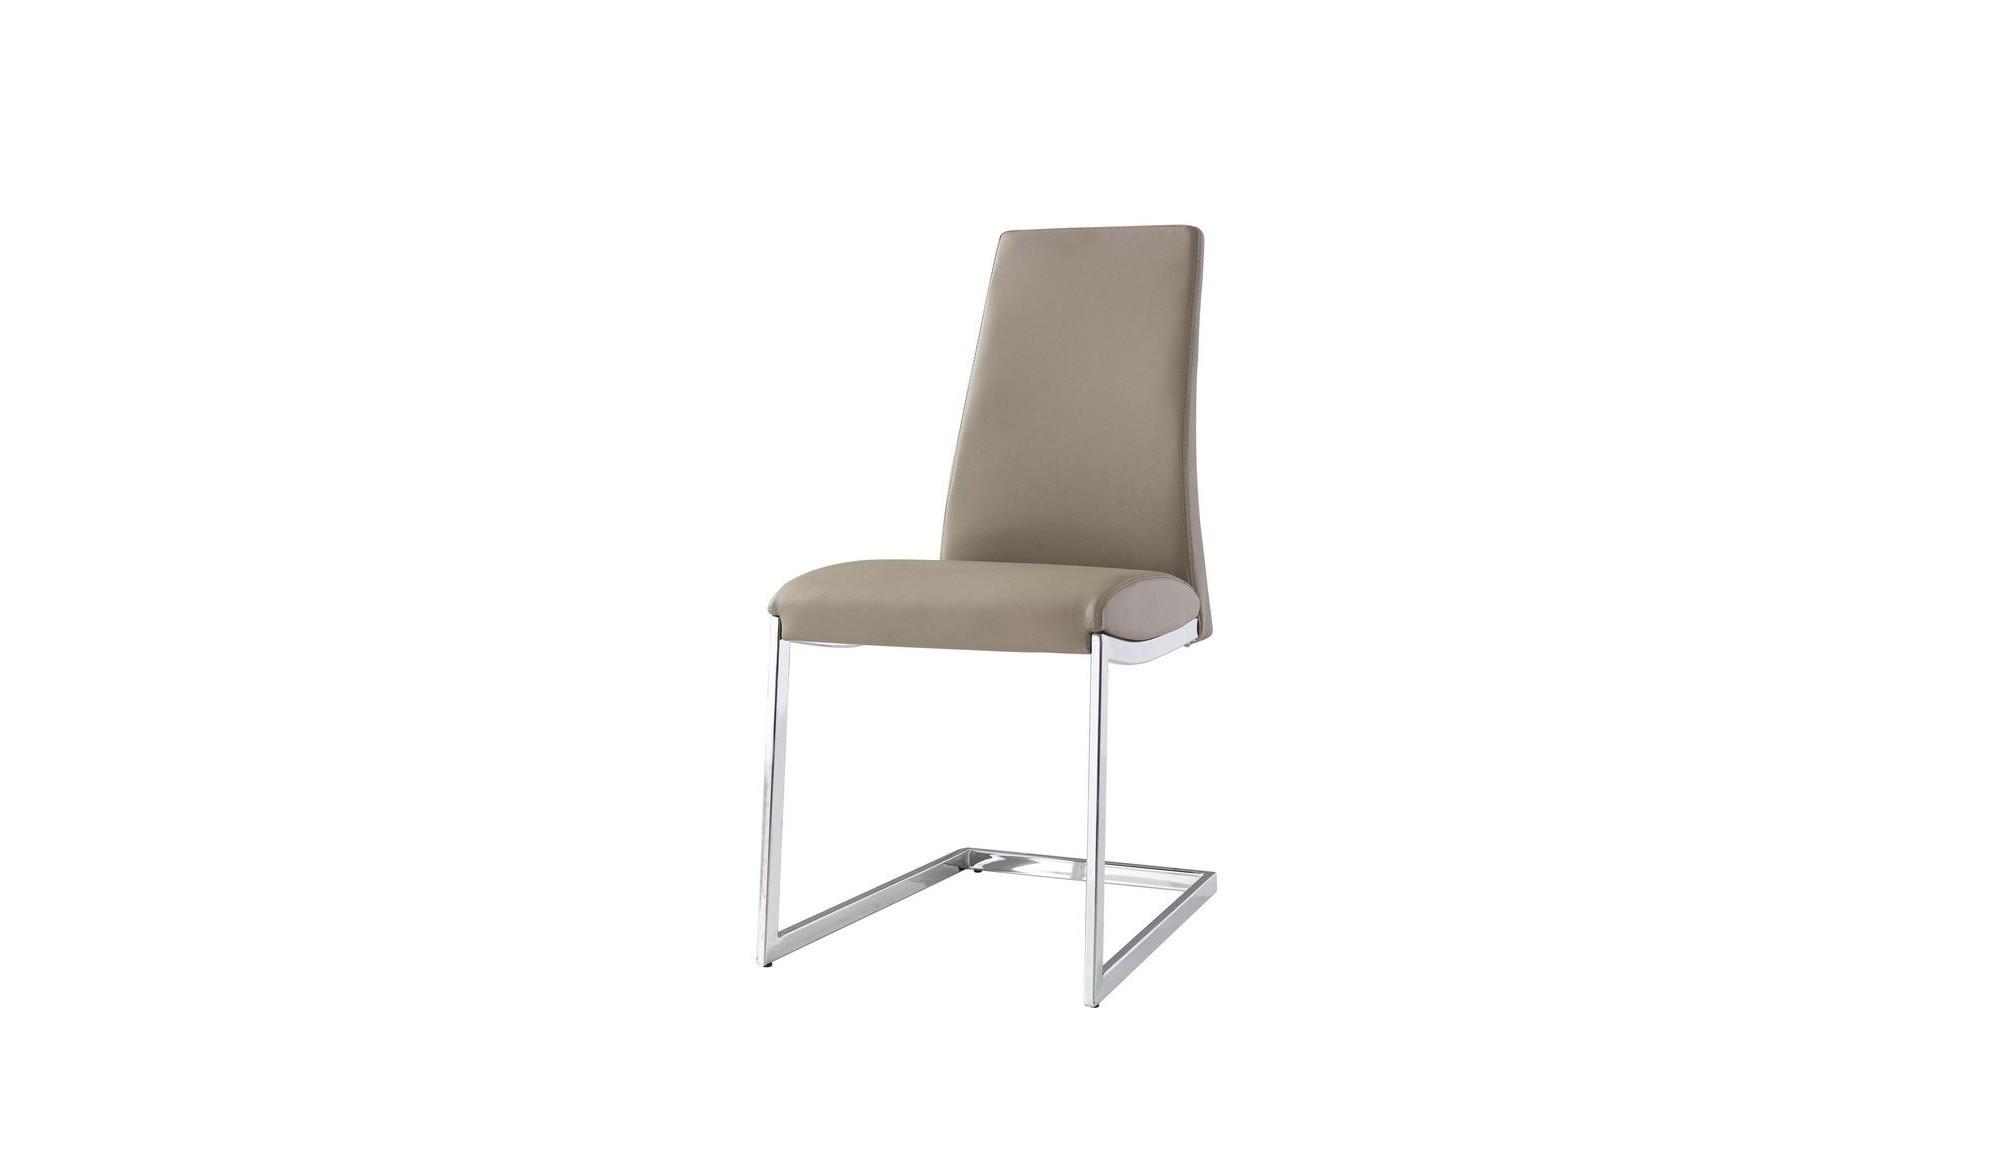 Стул HD-6101Обеденные стулья<br>&amp;lt;div&amp;gt;Материал: Экокожа, хром&amp;lt;/div&amp;gt;&amp;lt;div&amp;gt;&amp;lt;br&amp;gt;&amp;lt;/div&amp;gt;<br><br>Material: Кожа<br>Width см: 45<br>Depth см: 63<br>Height см: 95